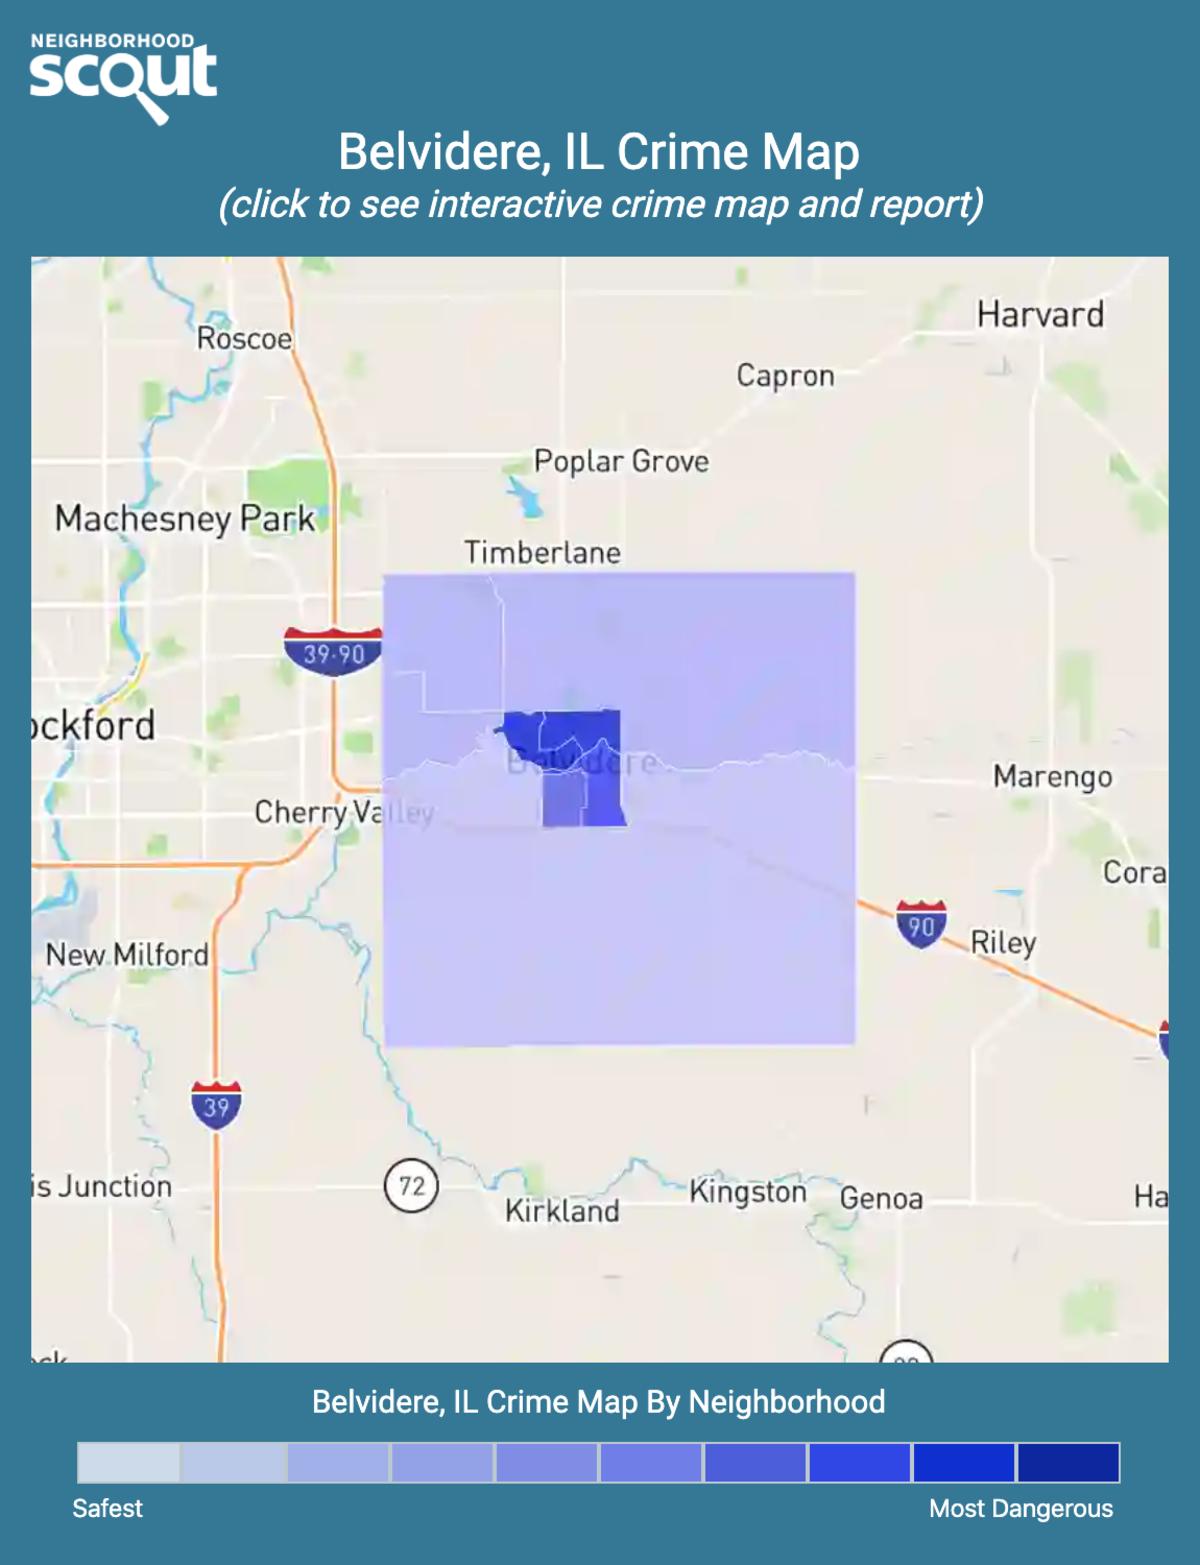 Belvidere, Illinois crime map